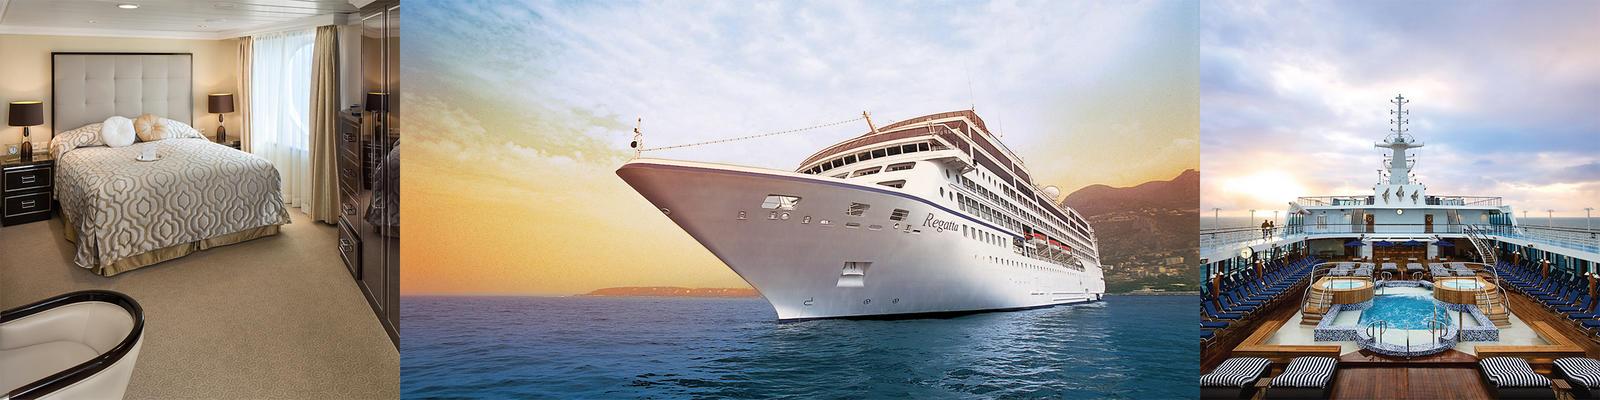 Regatta Cruise Ship Review Photos Departure Ports On Cruise Critic - Oceania regatta cruise ship